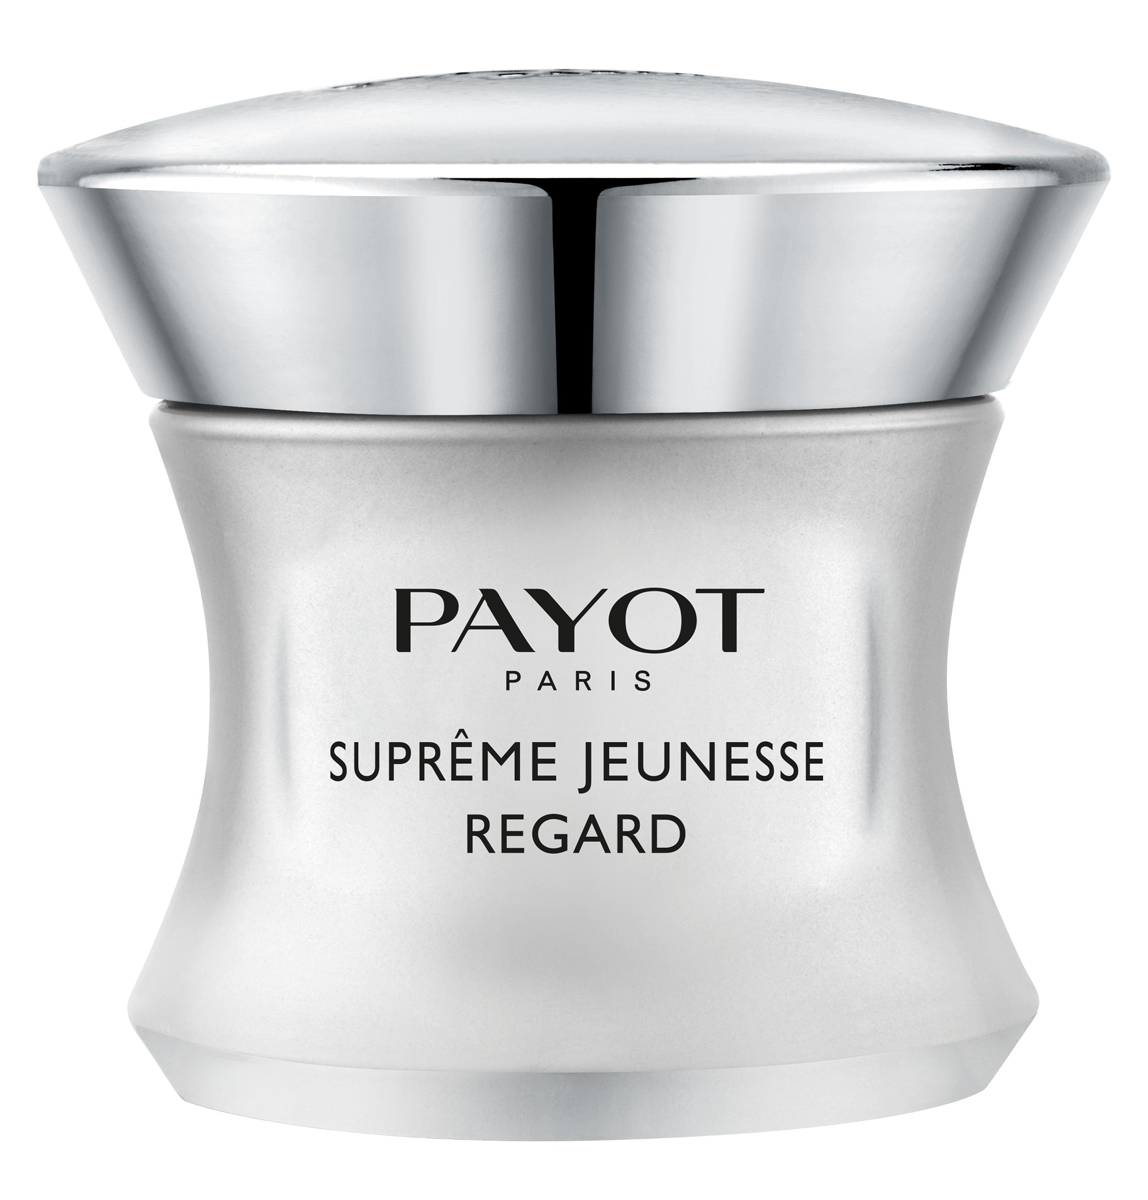 Payot Supreme Jeunesse Крем для глаз с непревзойденным омолаживающим эффектом,, 15 мл недорого